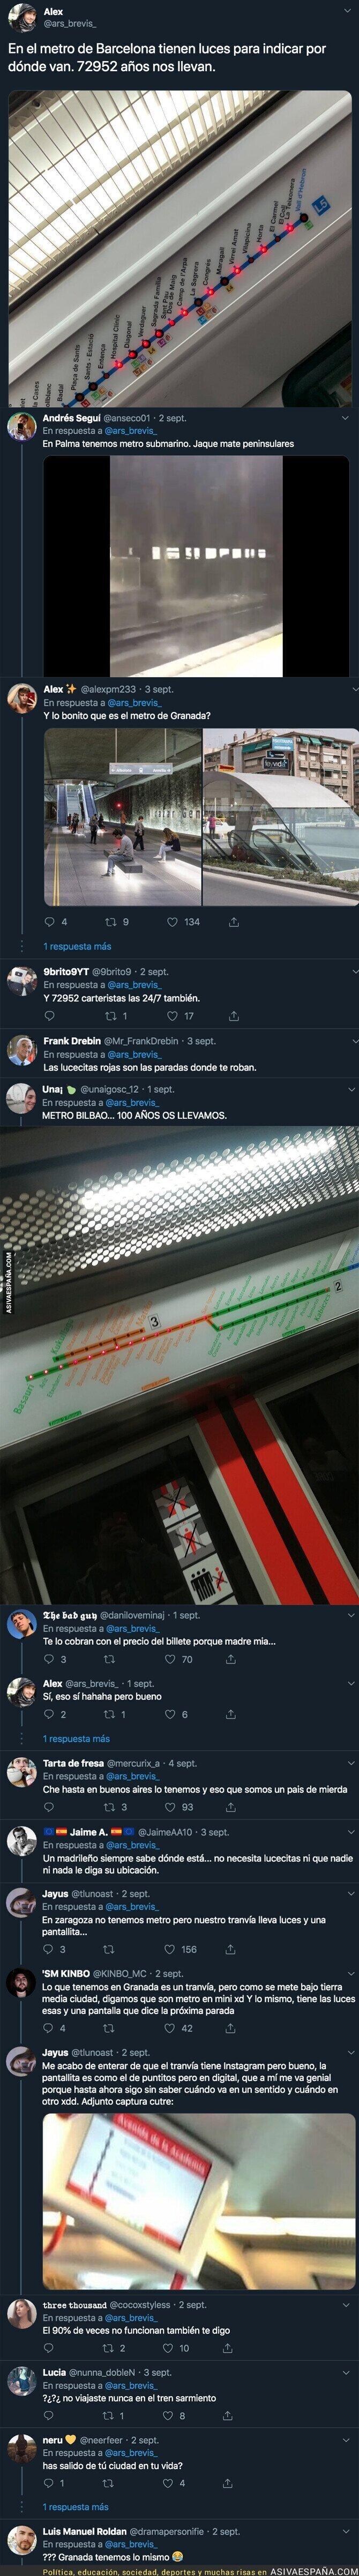 120546 - Un chaval destaca que el metro de Barcelona tiene lucecitas para saber en que parada estás y se convierte en la mofa de todos